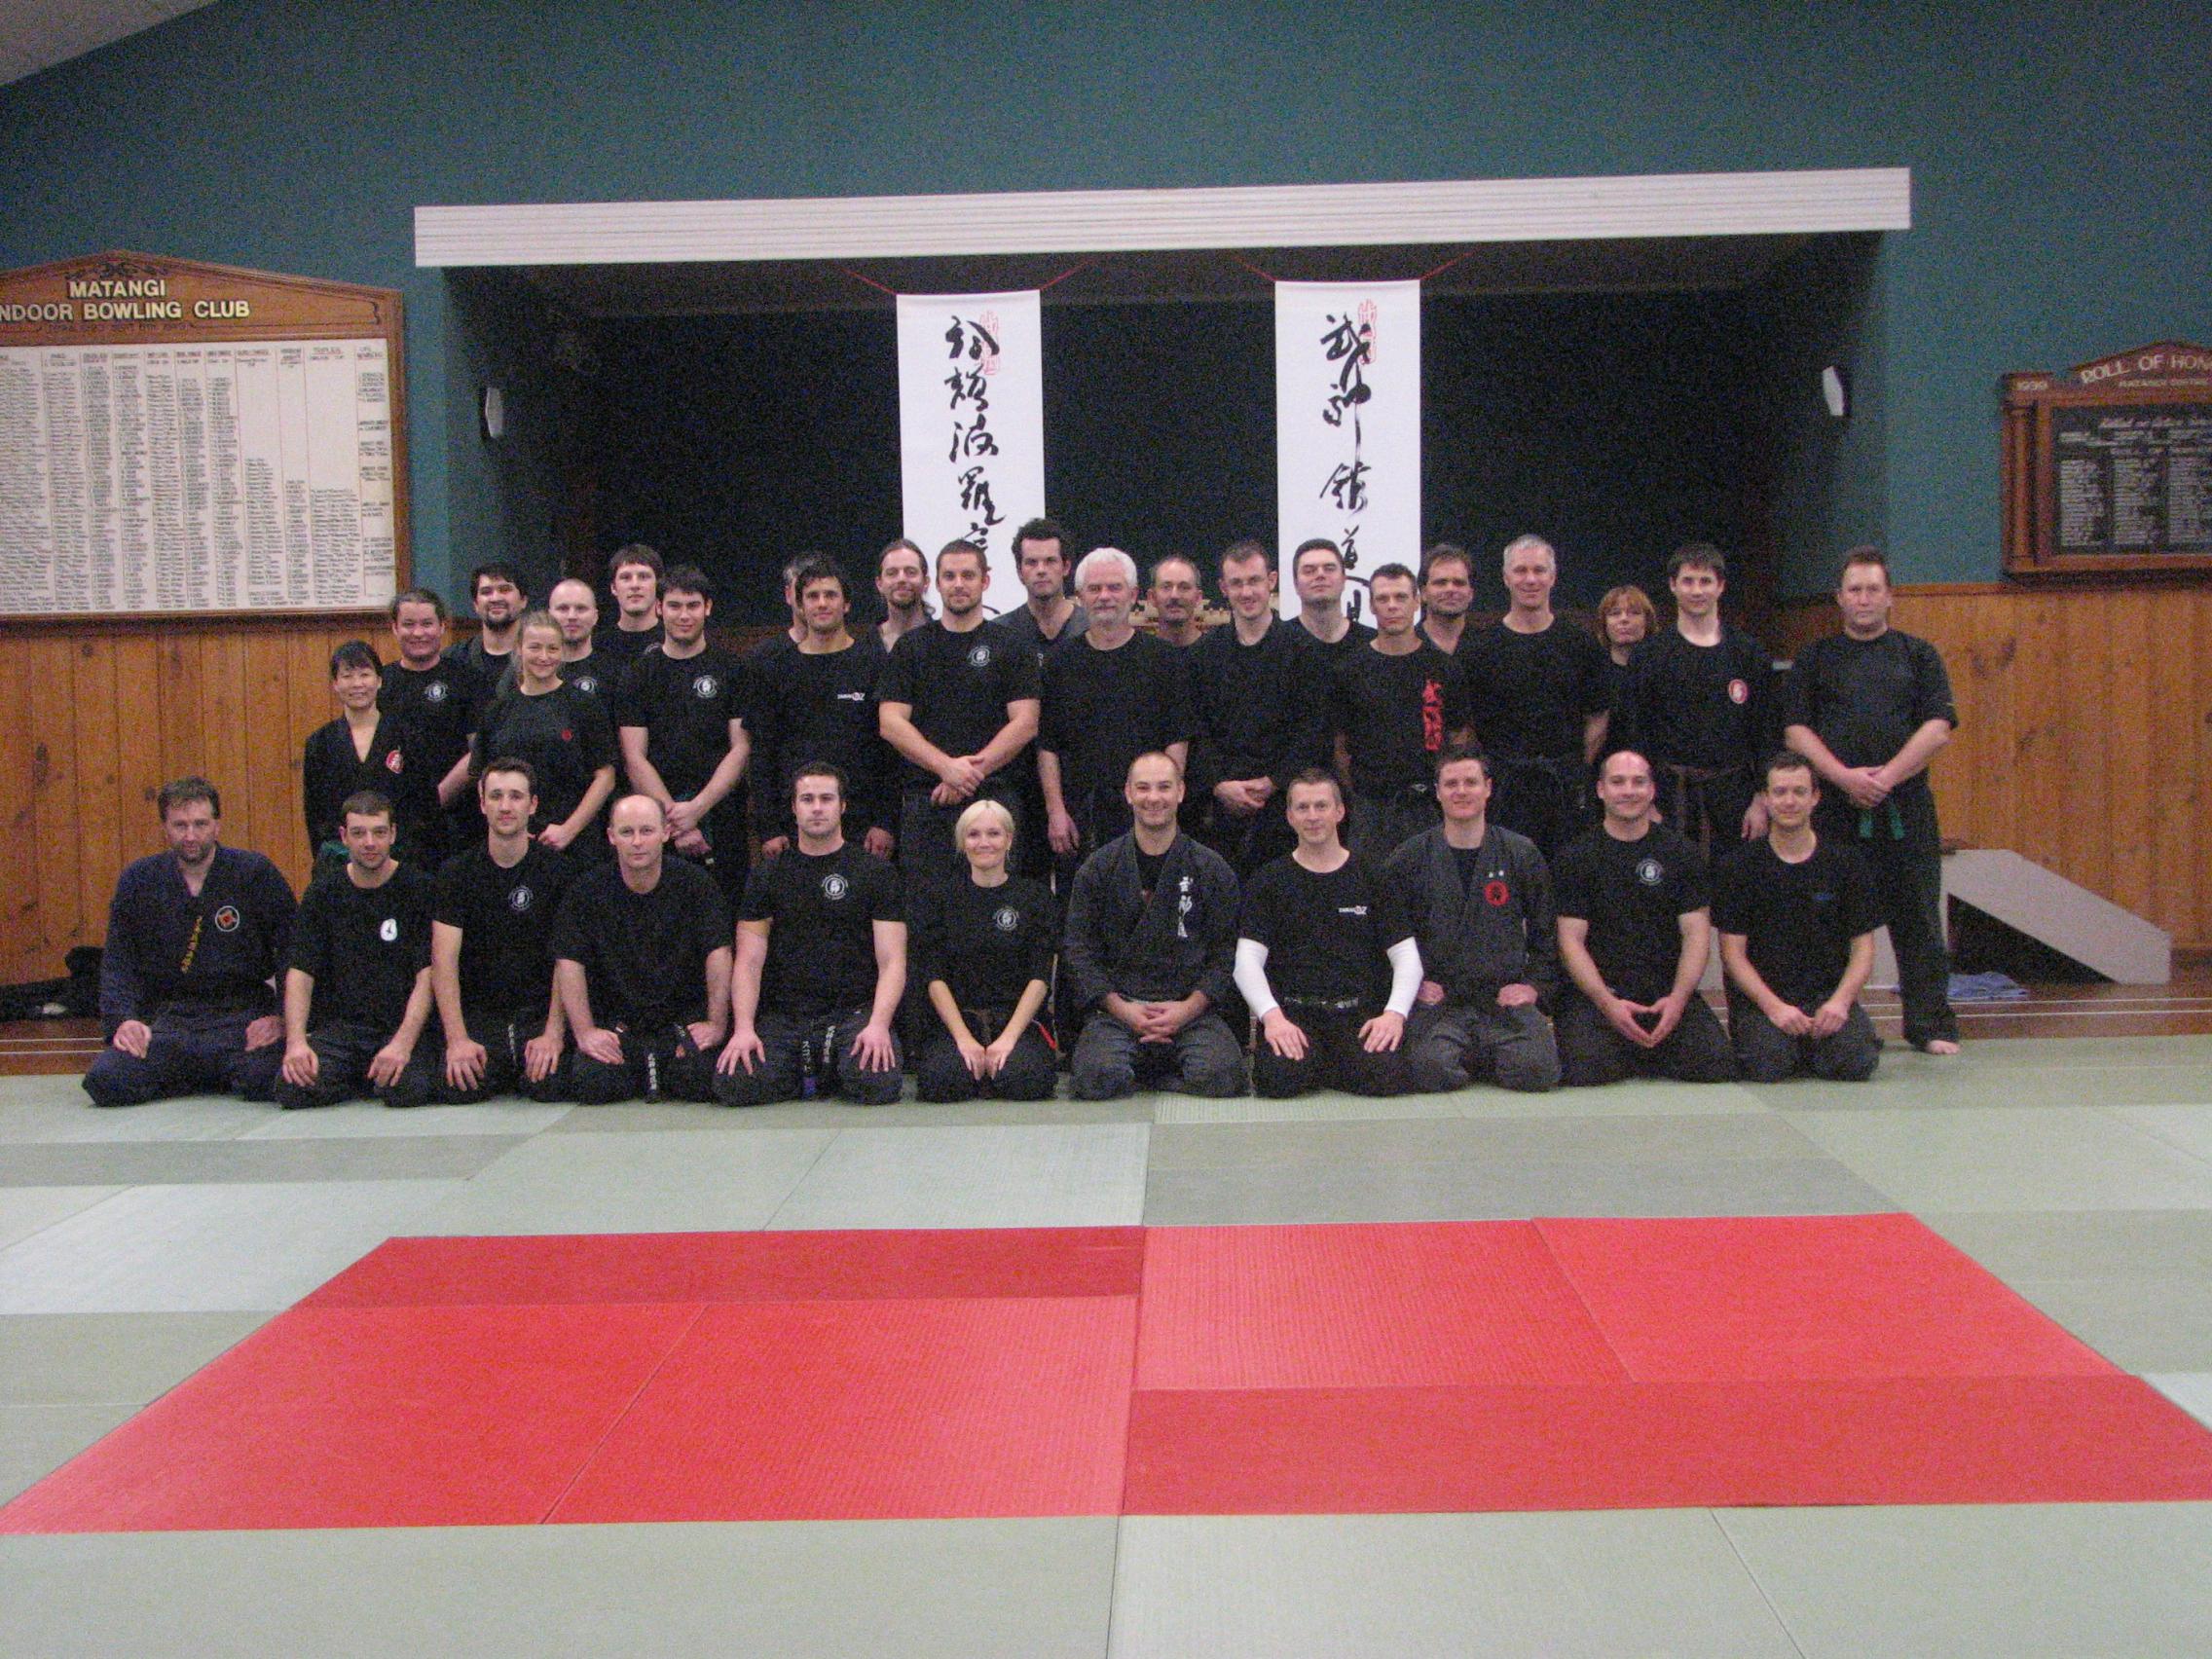 auckland-nz-seminar-2007